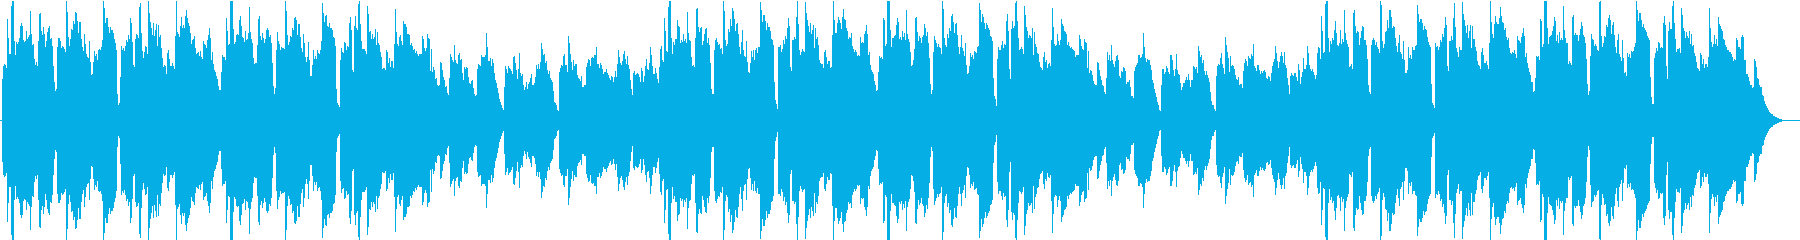 牧歌的なバラードの再生済みの波形